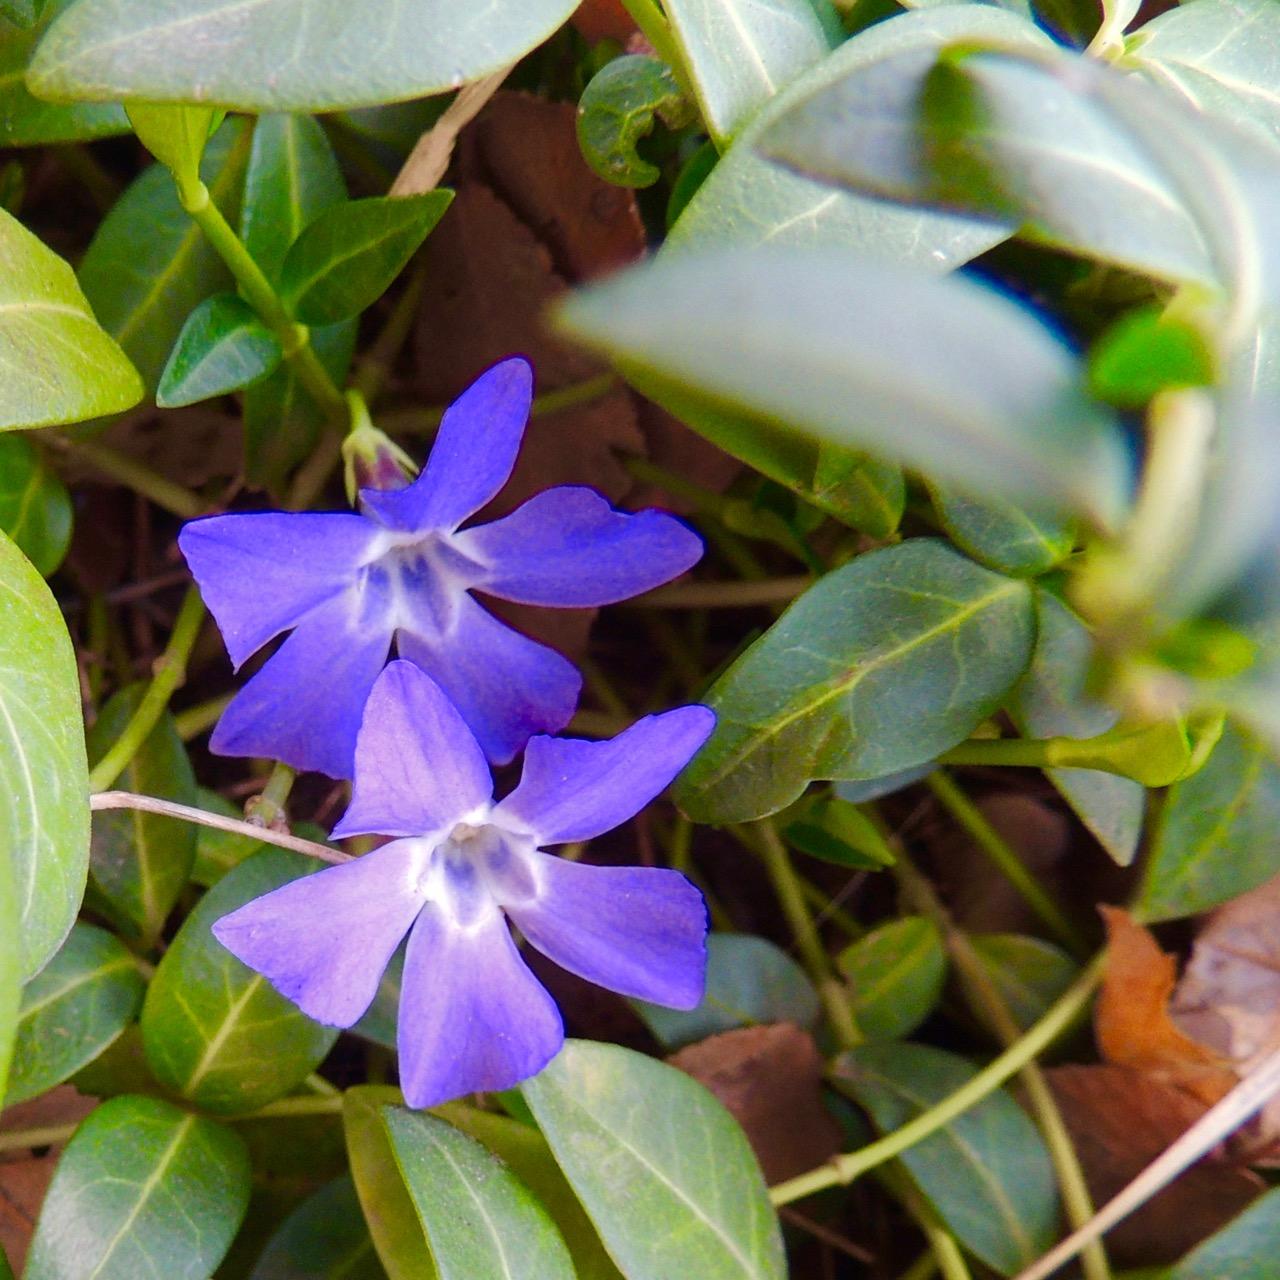 Violets-upclose